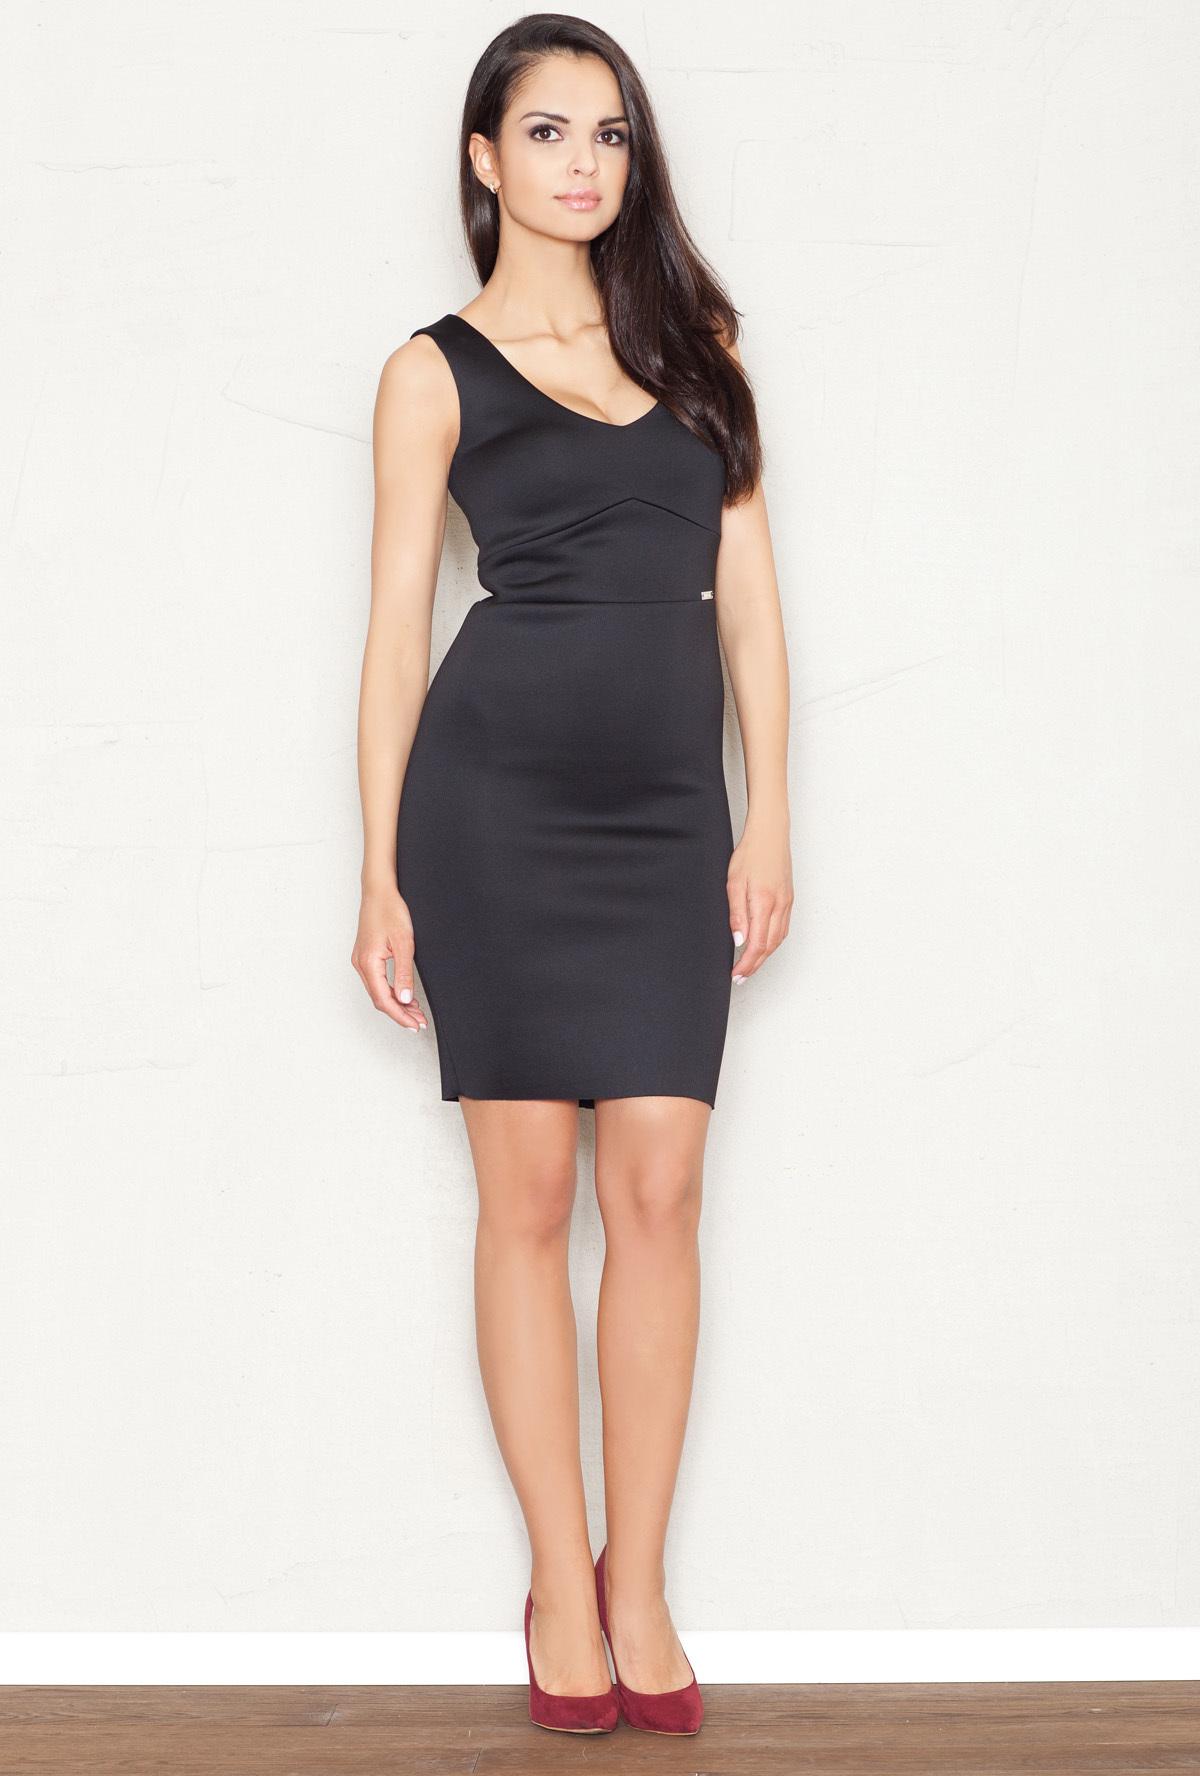 fd192ae9b3 Figl společenské pouzdrové šaty MM-43781 černá Velikost  M